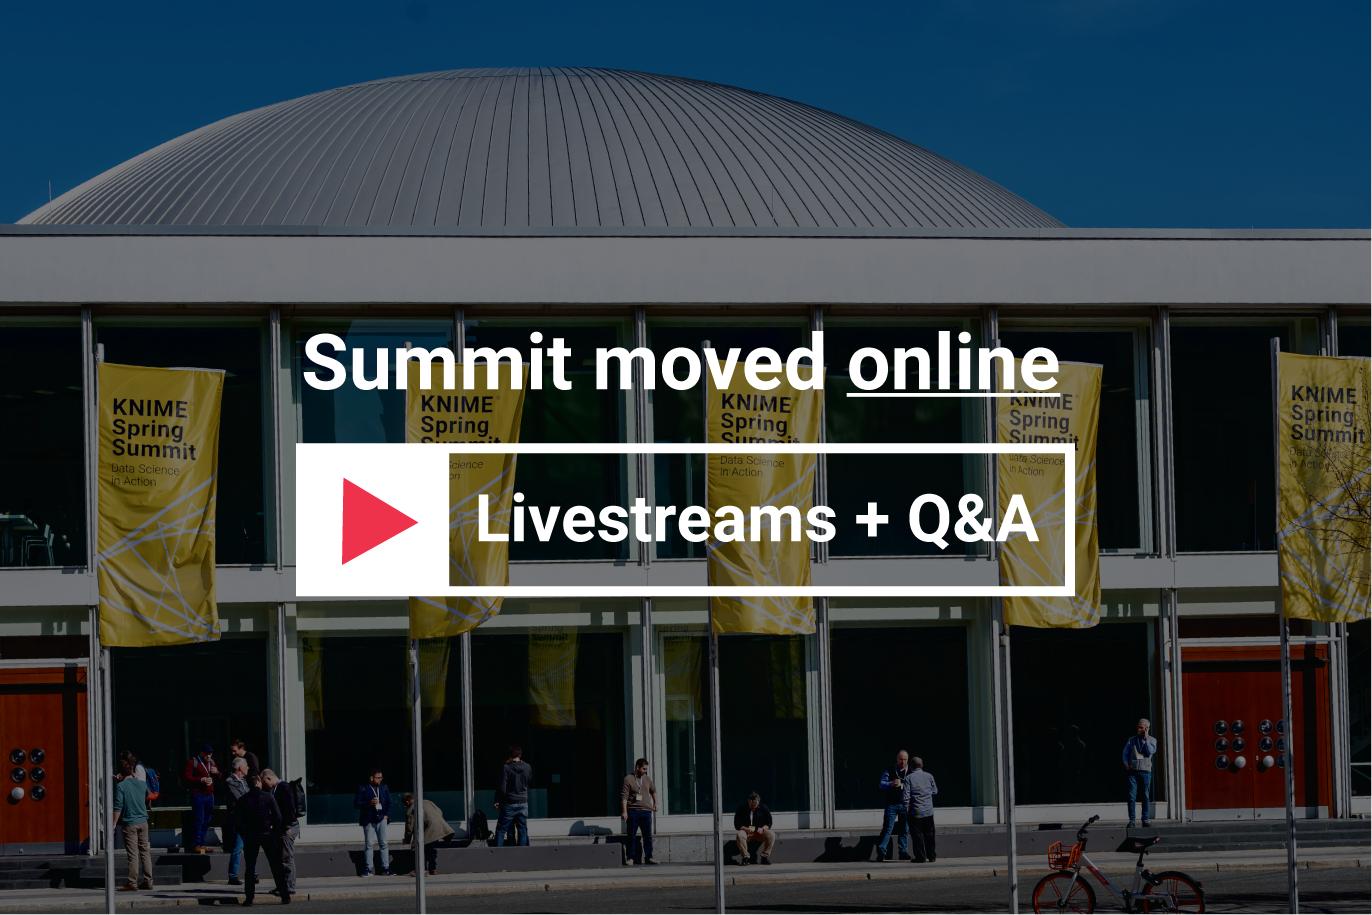 KNIME Spring Summit 2020 Online